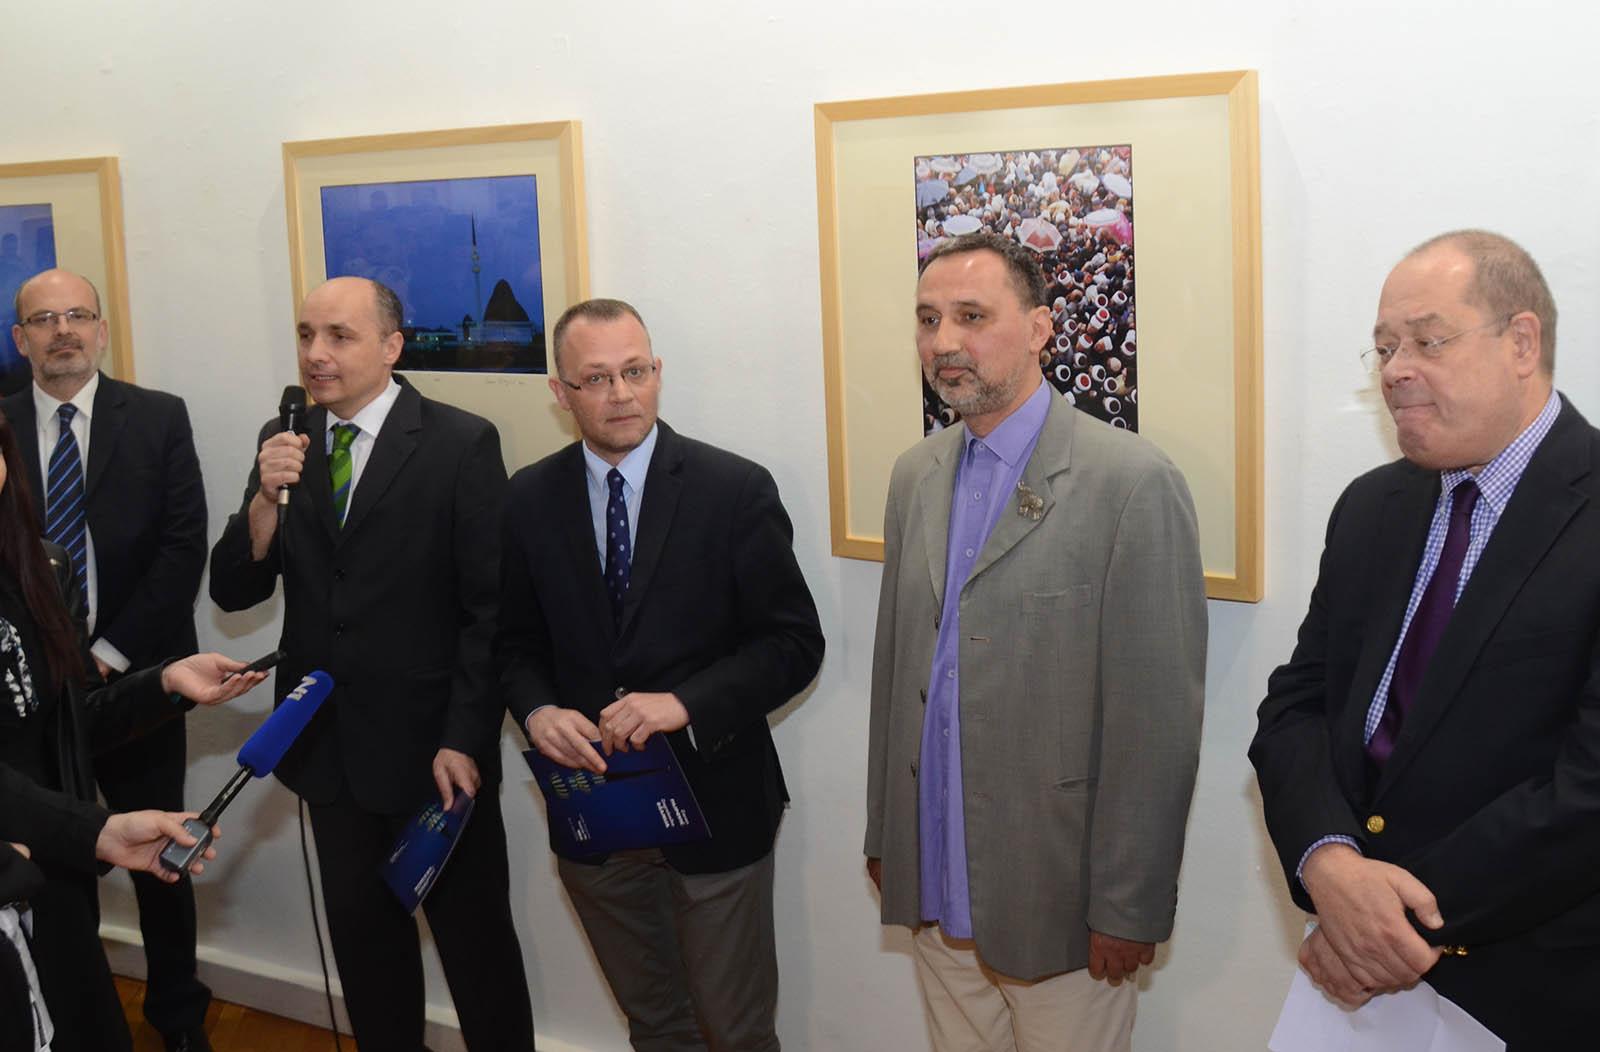 Zoran Filipovic, Izlozba Fotografija, Zagrebacka Djamija (6)